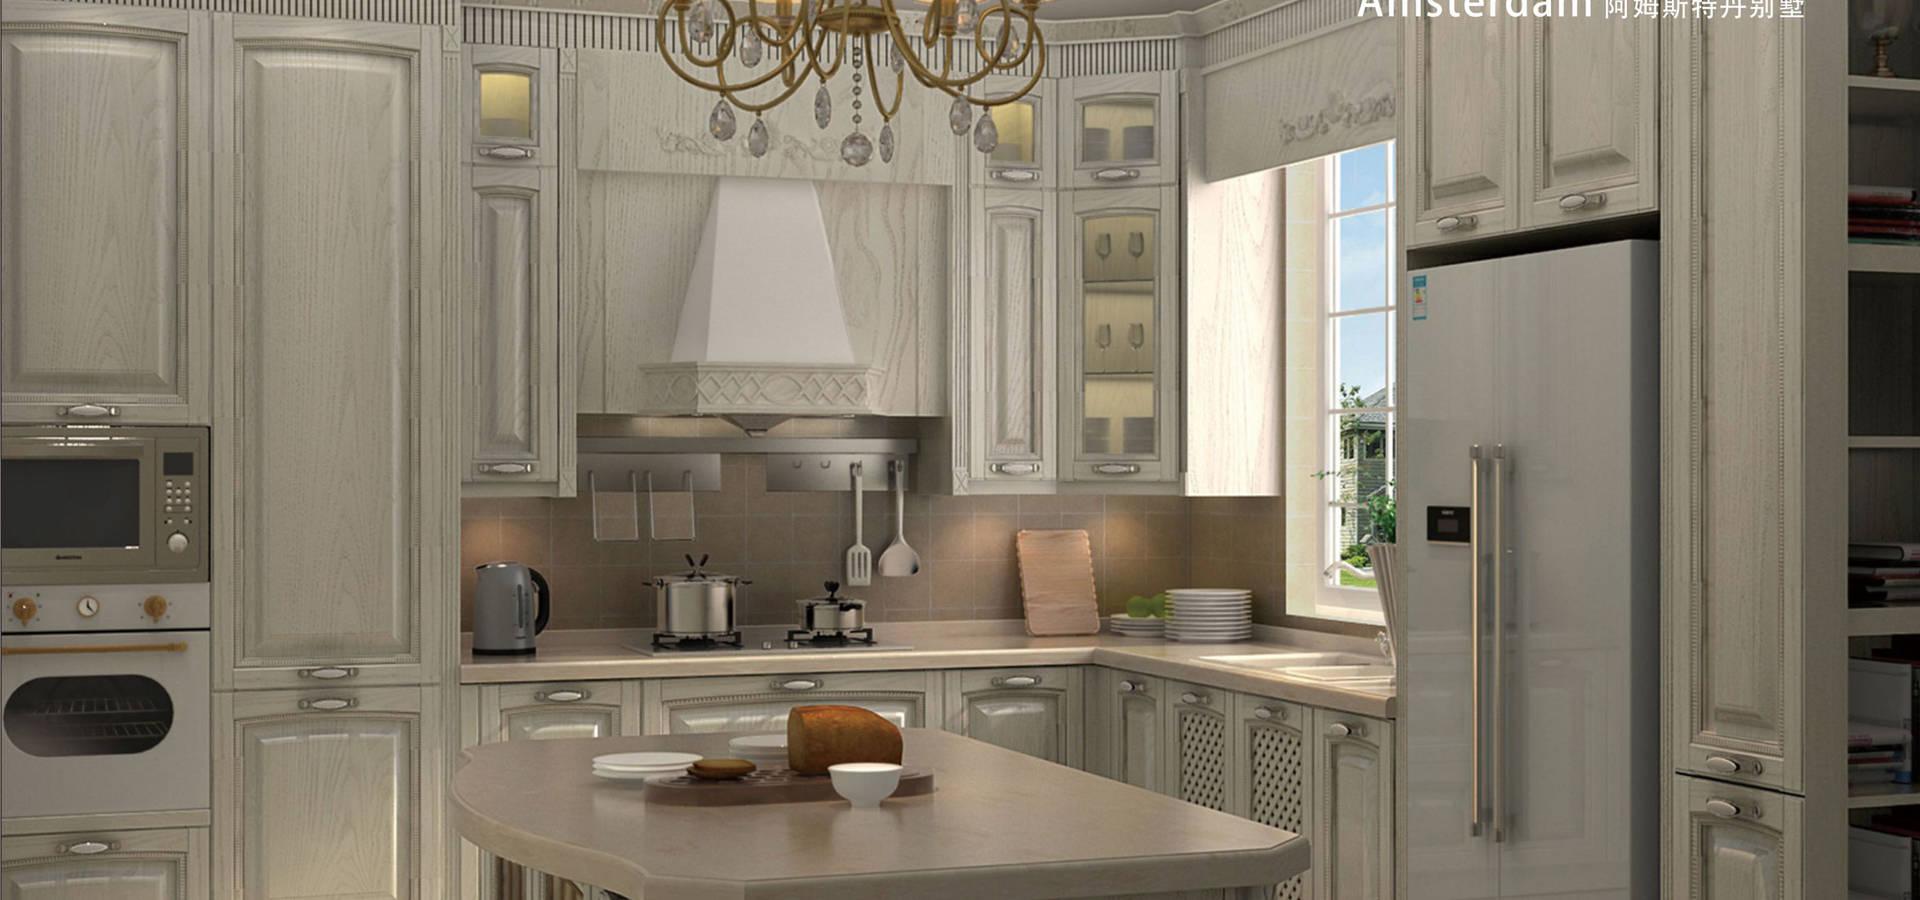 Yalig kitchen cabinet